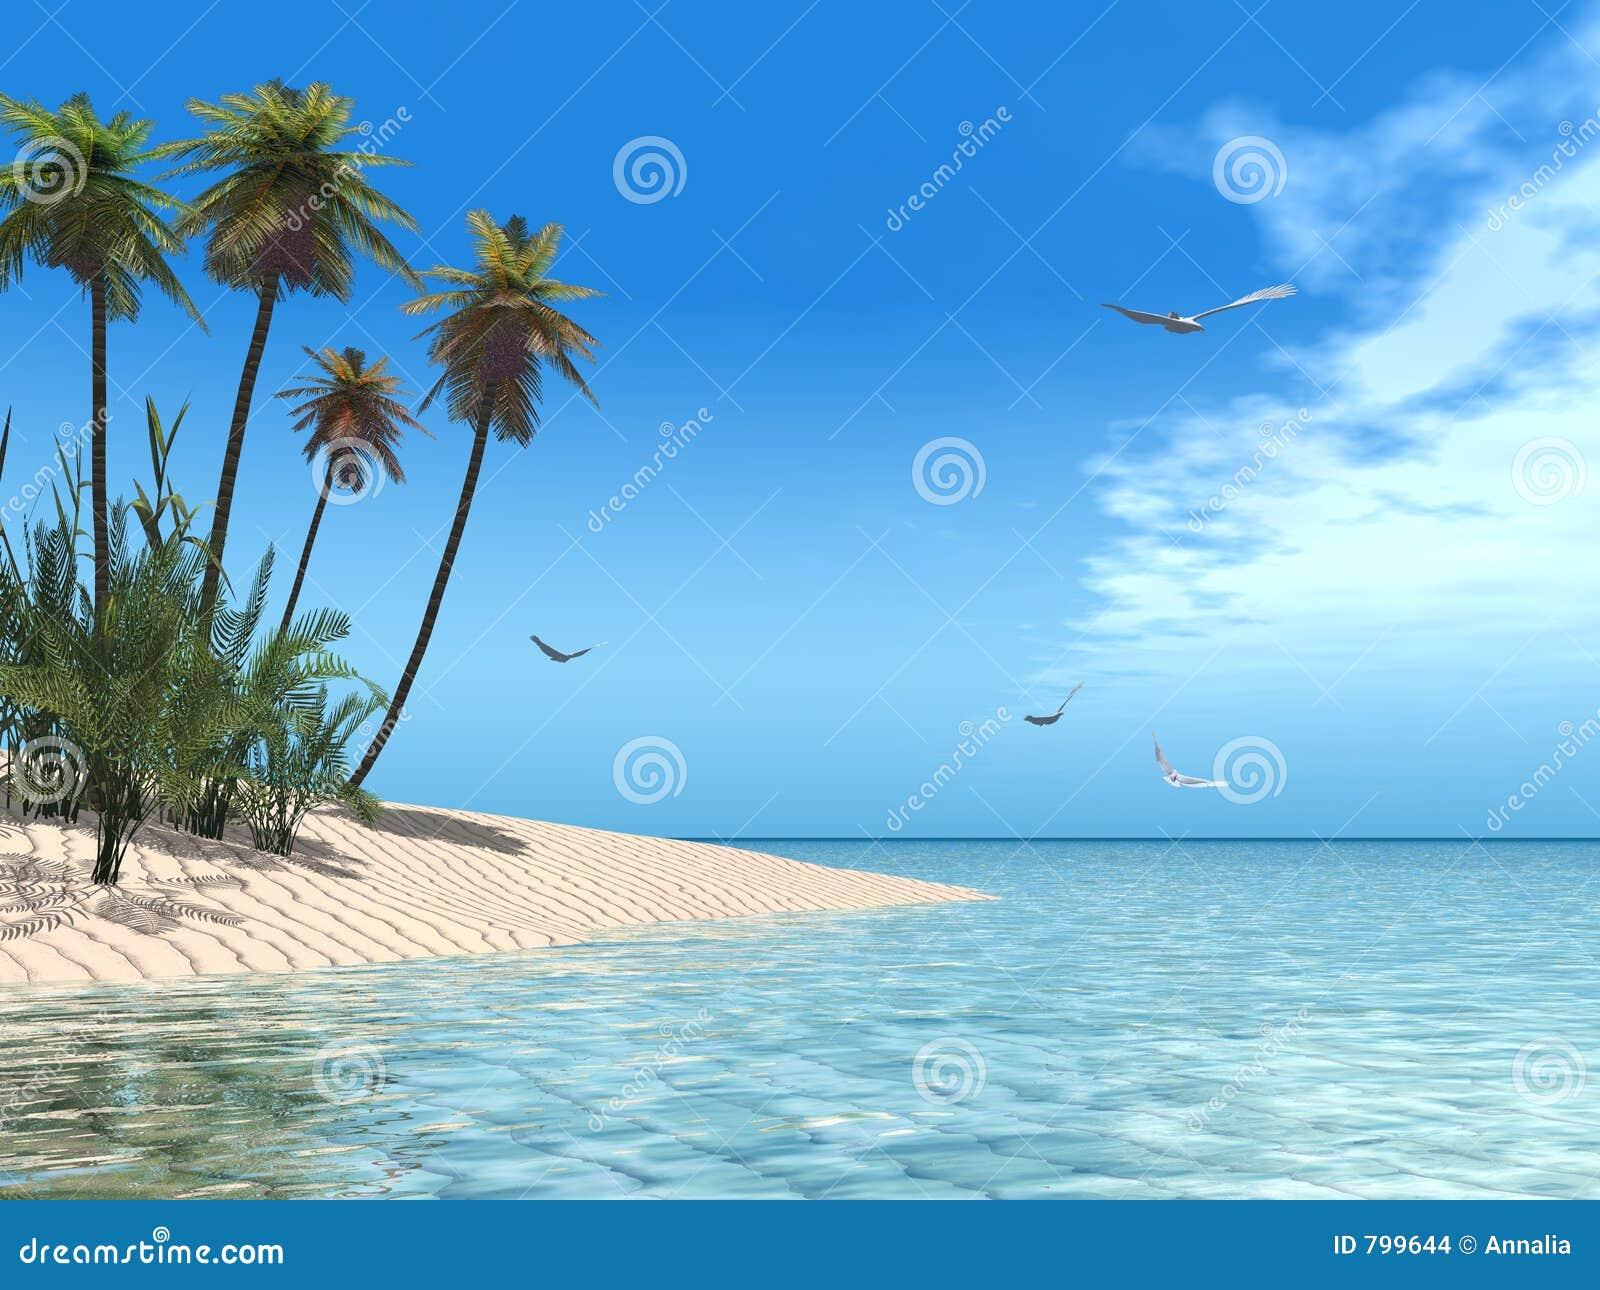 Spiaggia tropicale immagini stock immagine 799644 for Disegni di casa sulla spiaggia tropicale